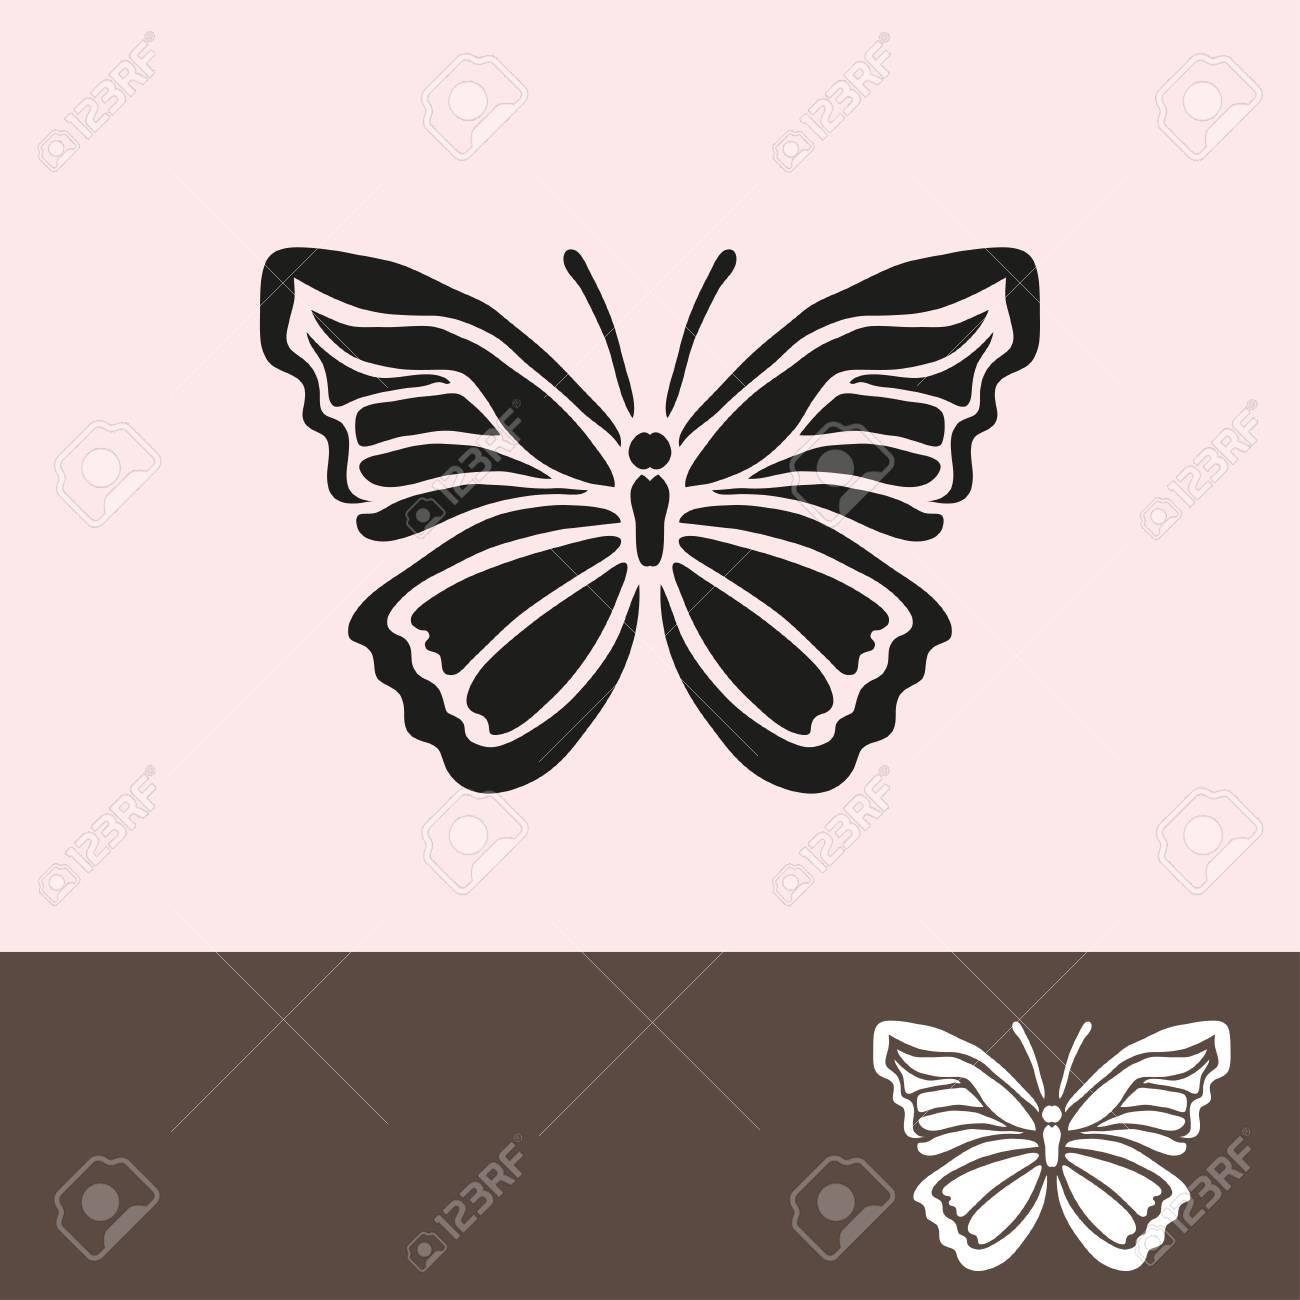 Symbole De Papillon Abstrait, Élément De Design. Peut Être Utilisé Pour Des  Invitations, Cartes De Voeux, Scrapbooking, D'impression, Les Étiquettes, intérieur Etiquette Papillon A Imprimer